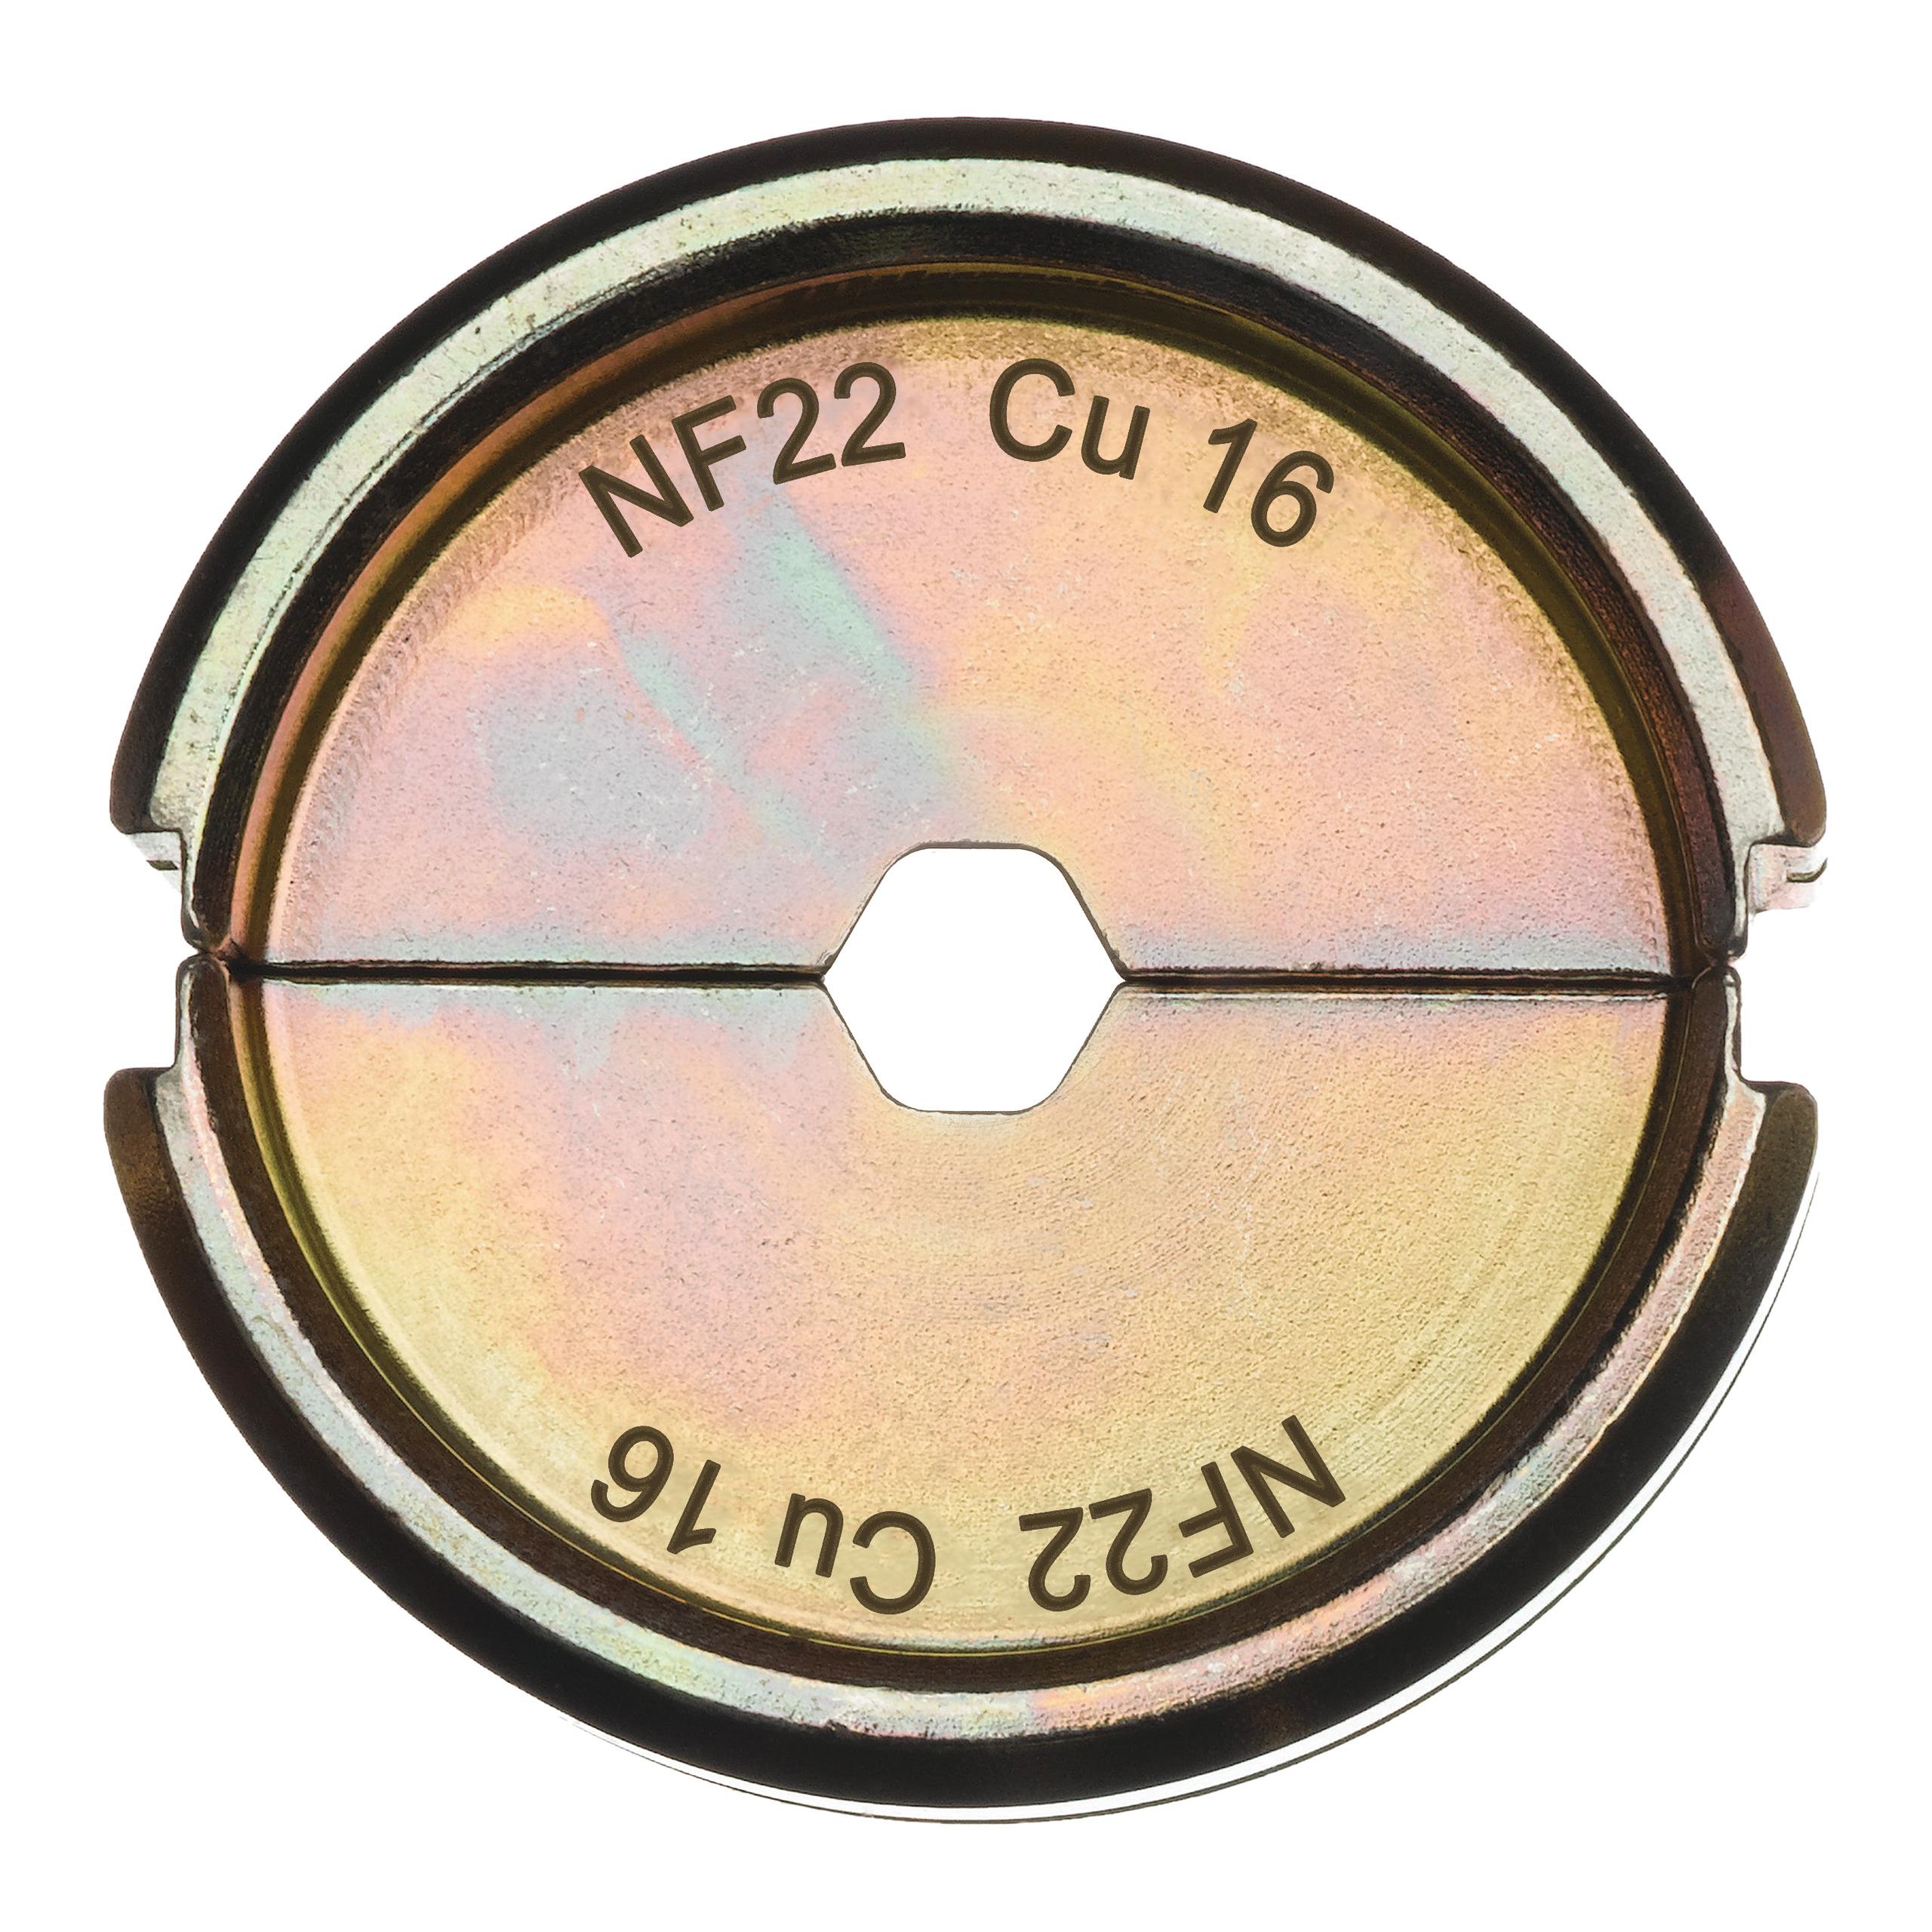 Krimpovací čelisti  NF22 Cu 16